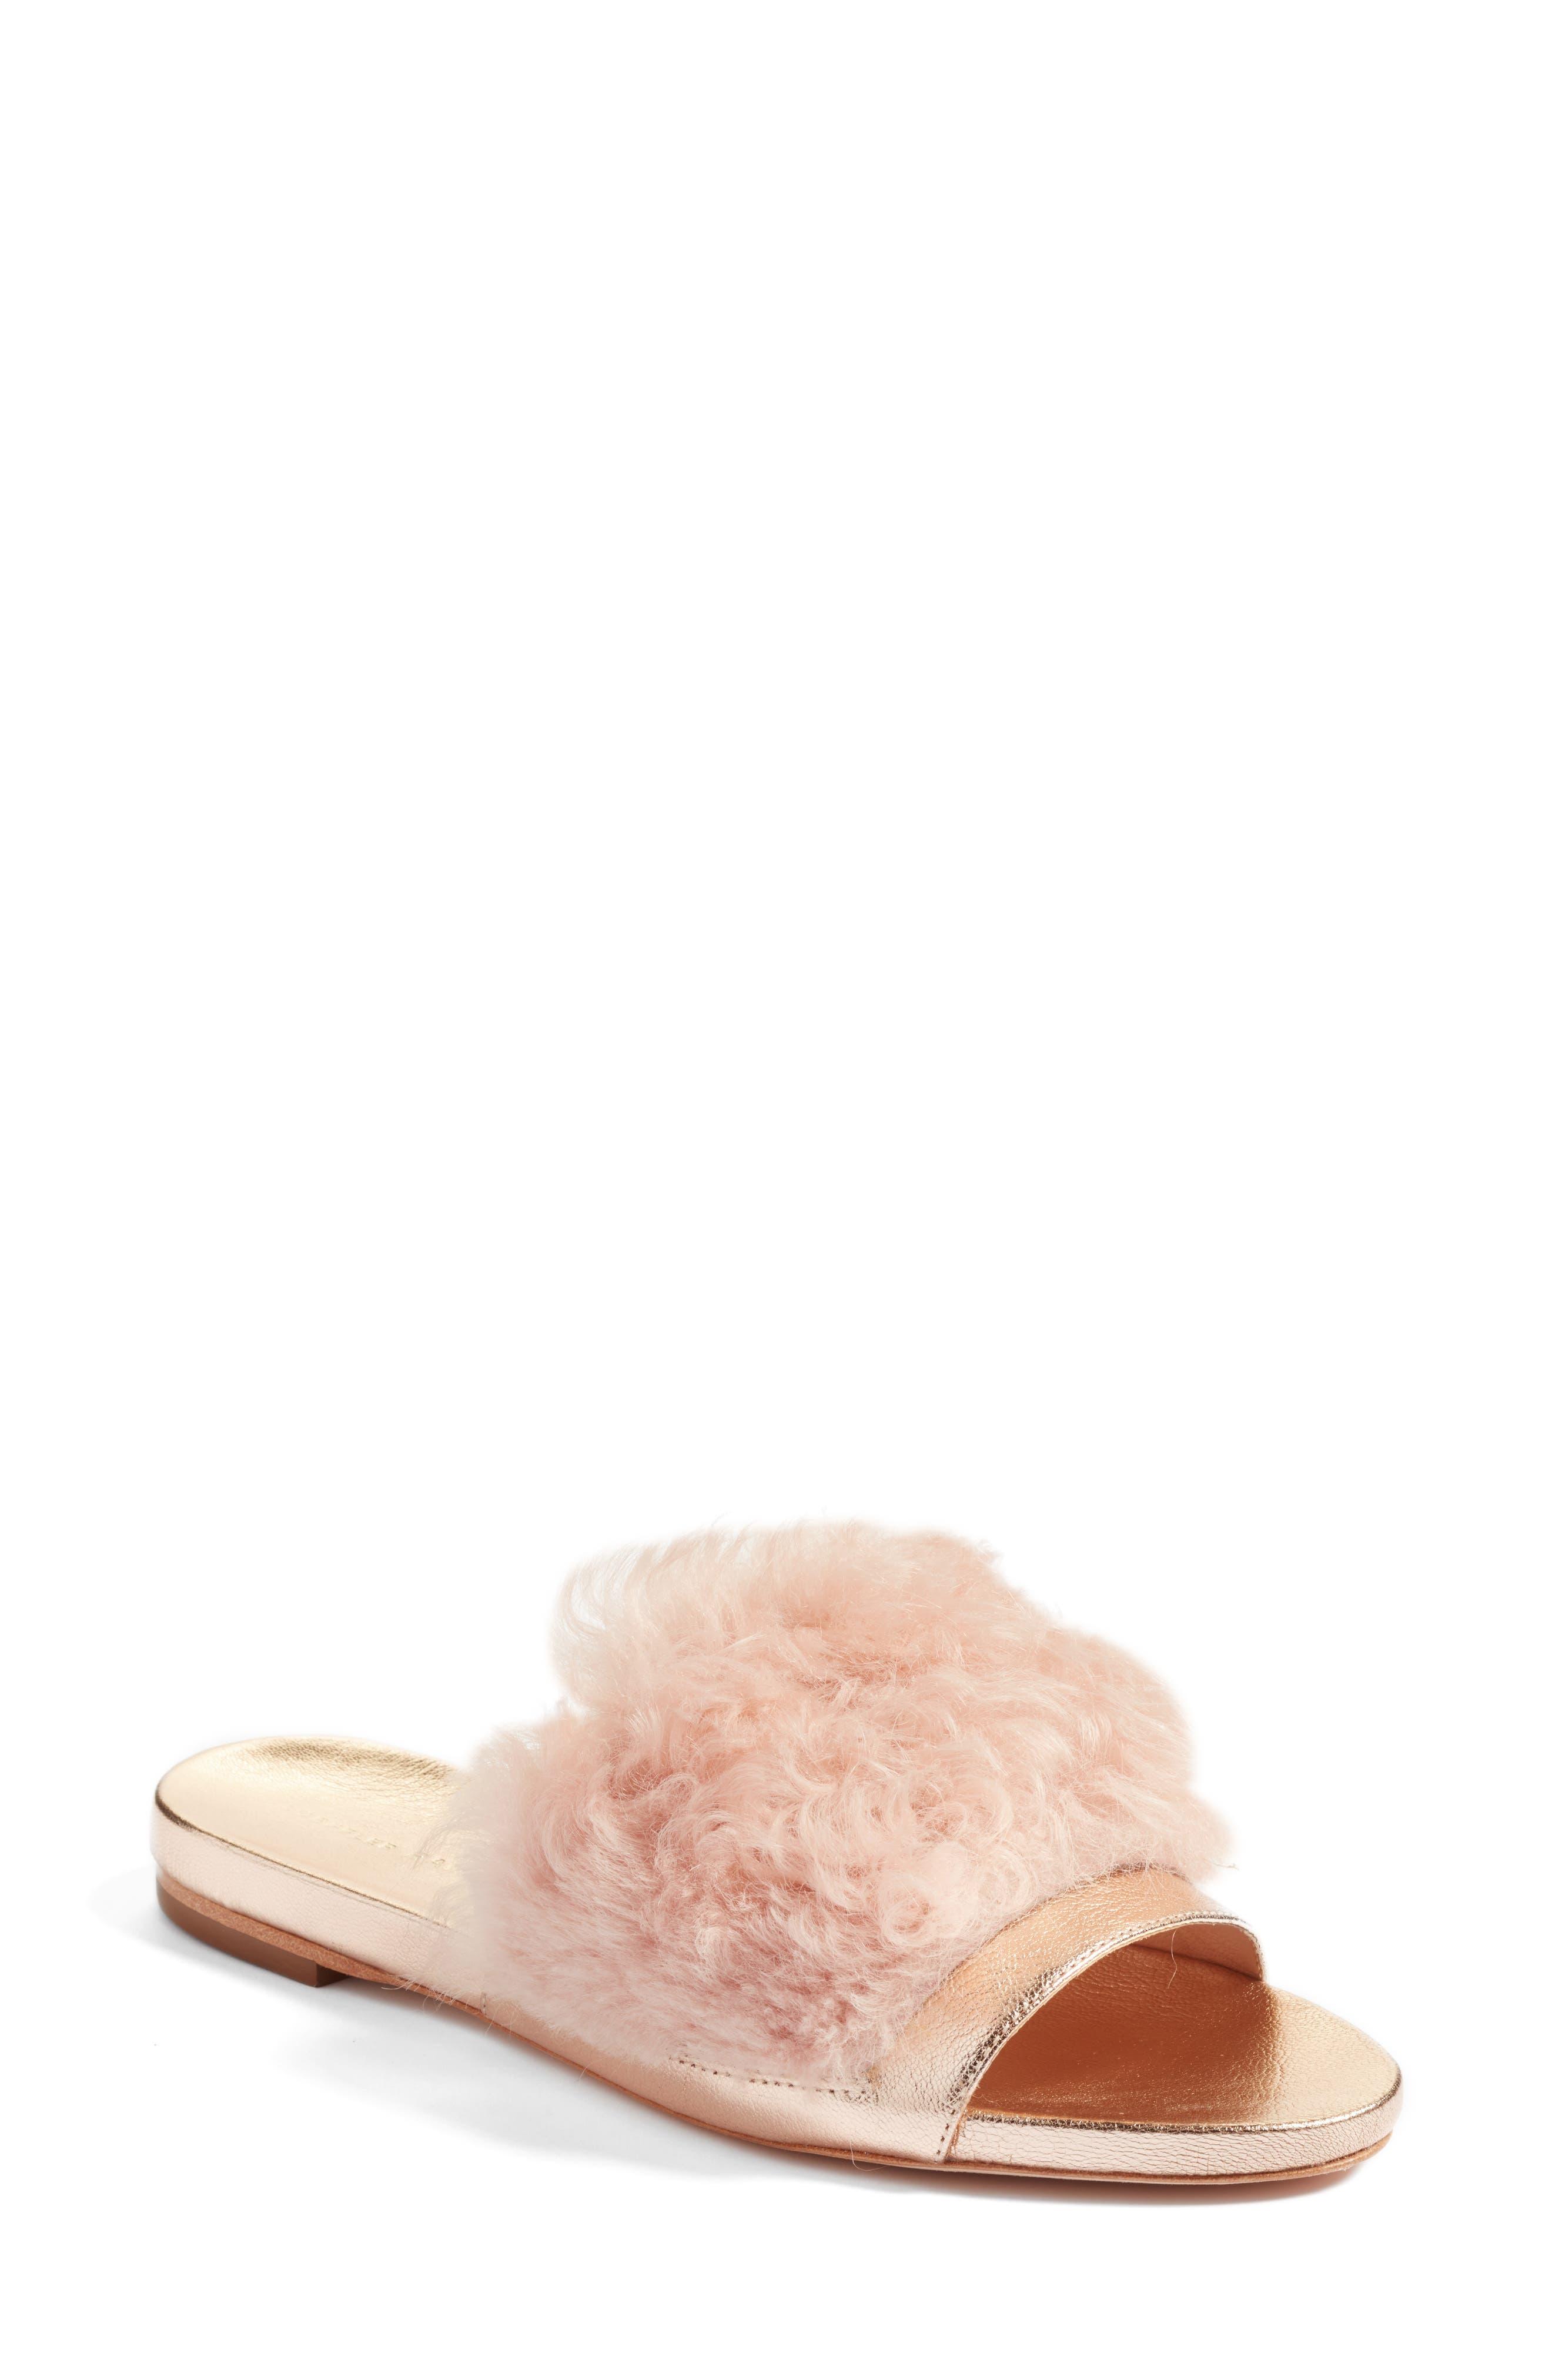 Loeffler Randall Domino Genuine Shearling Slide Sandal (Women)